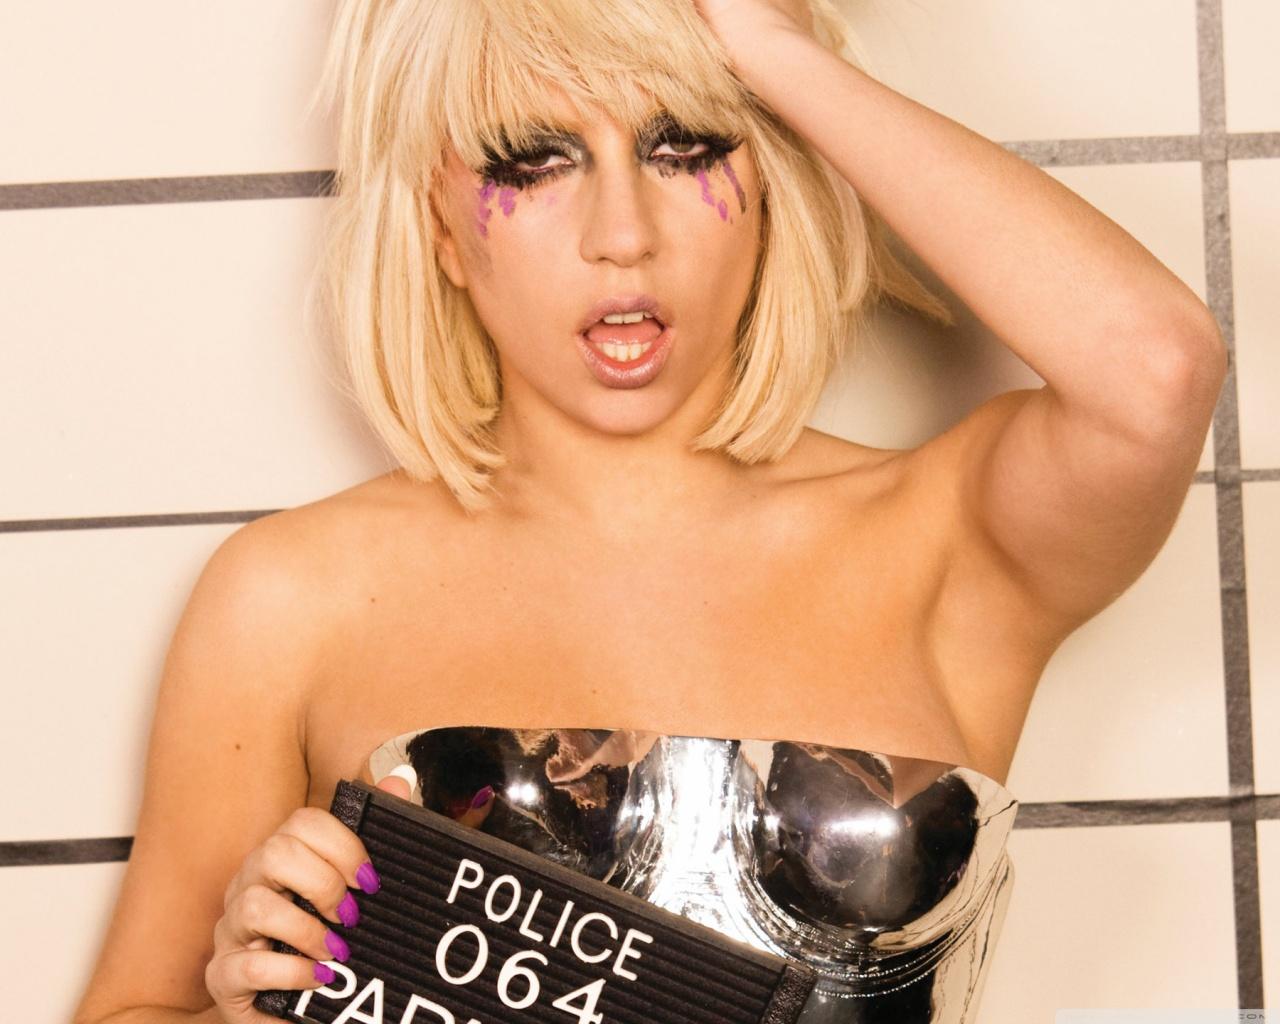 Lady gaga - Lady Gaga ... Lady Gaga